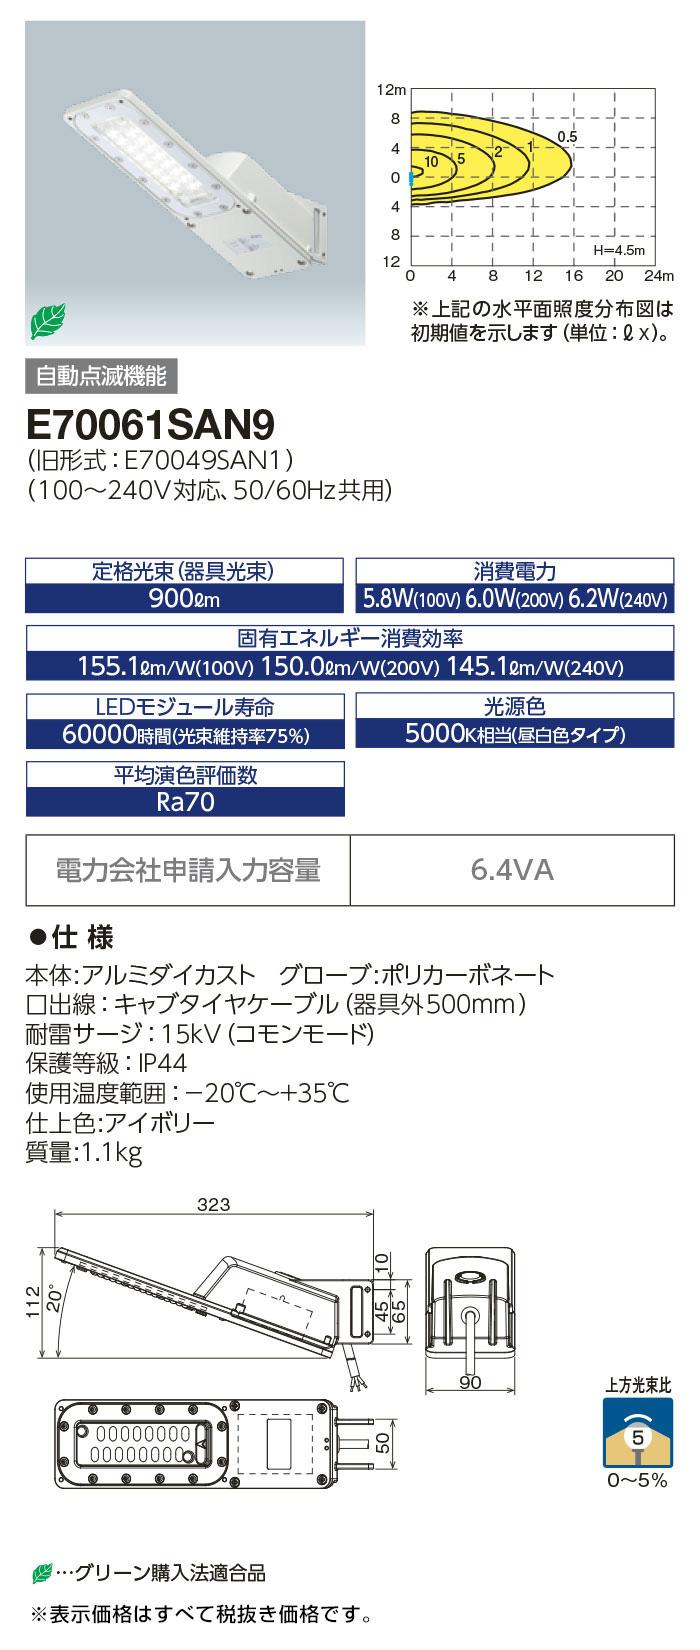 E70061SAN9